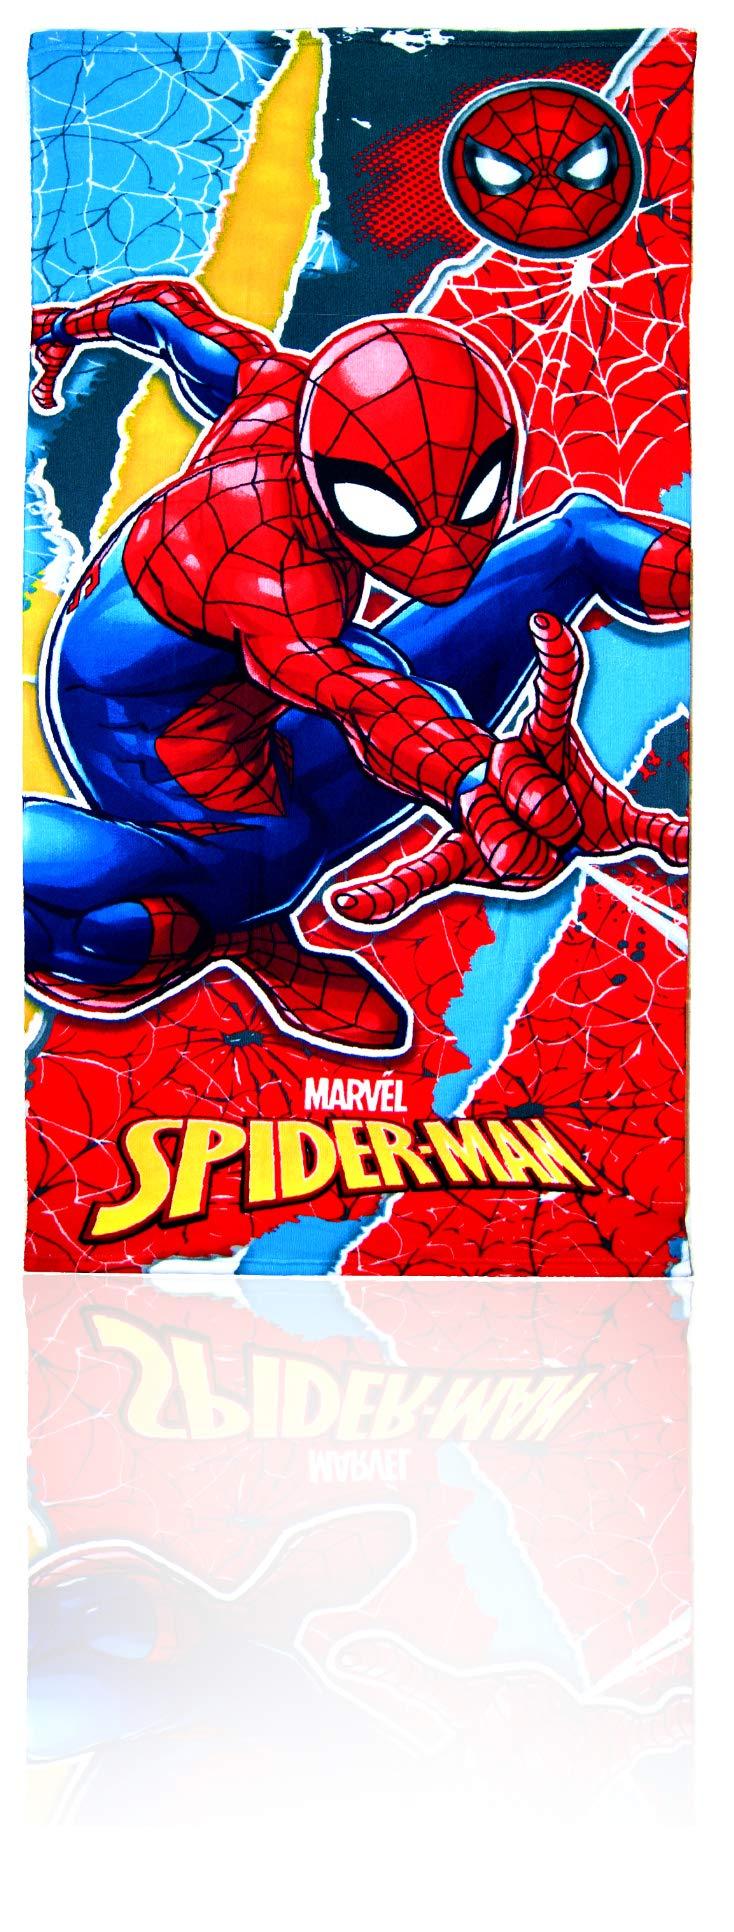 Spiderman Towel,Bath Towel,Swimming Pool,Towel,Beach Towel,Official Licensed by Marvel Spiderman. (Image #1)